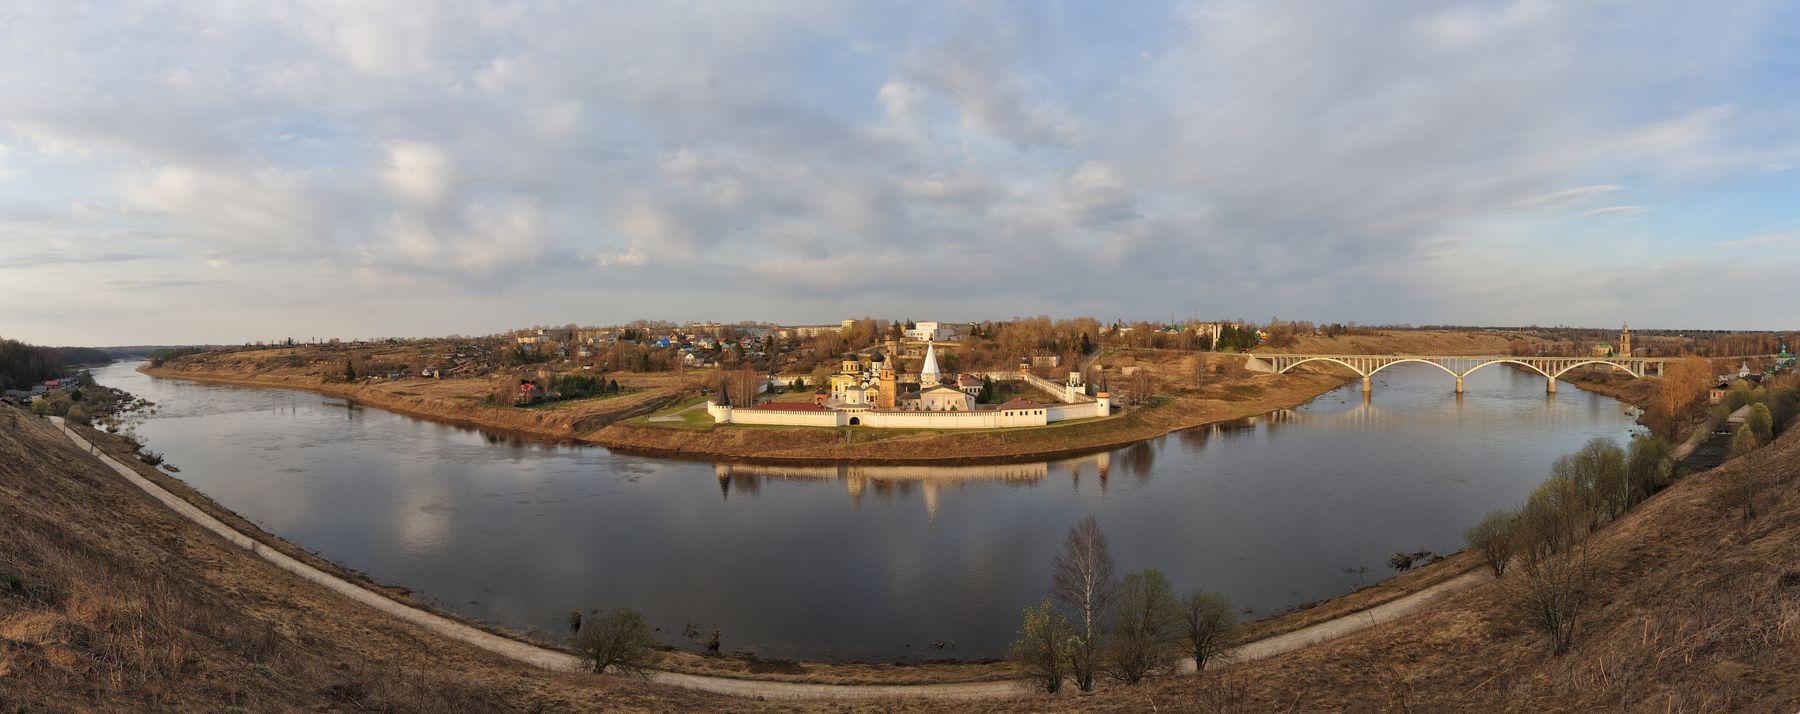 Ста́рицкий Свя́то-Успе́нский монастырь